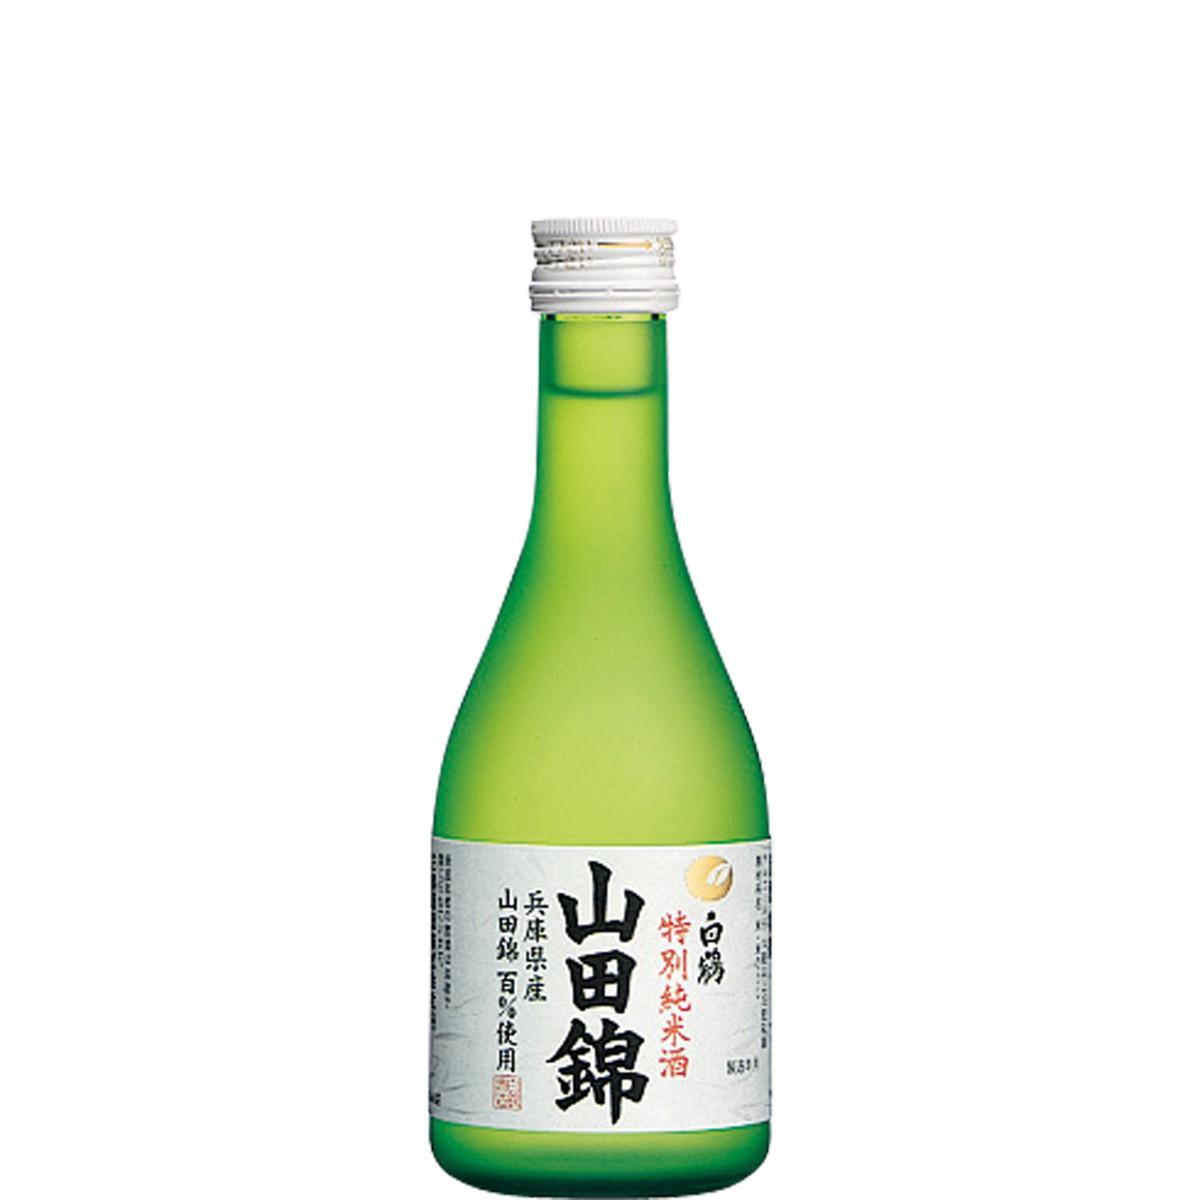 白鹤 山田锦特选特别纯米酒 300ml